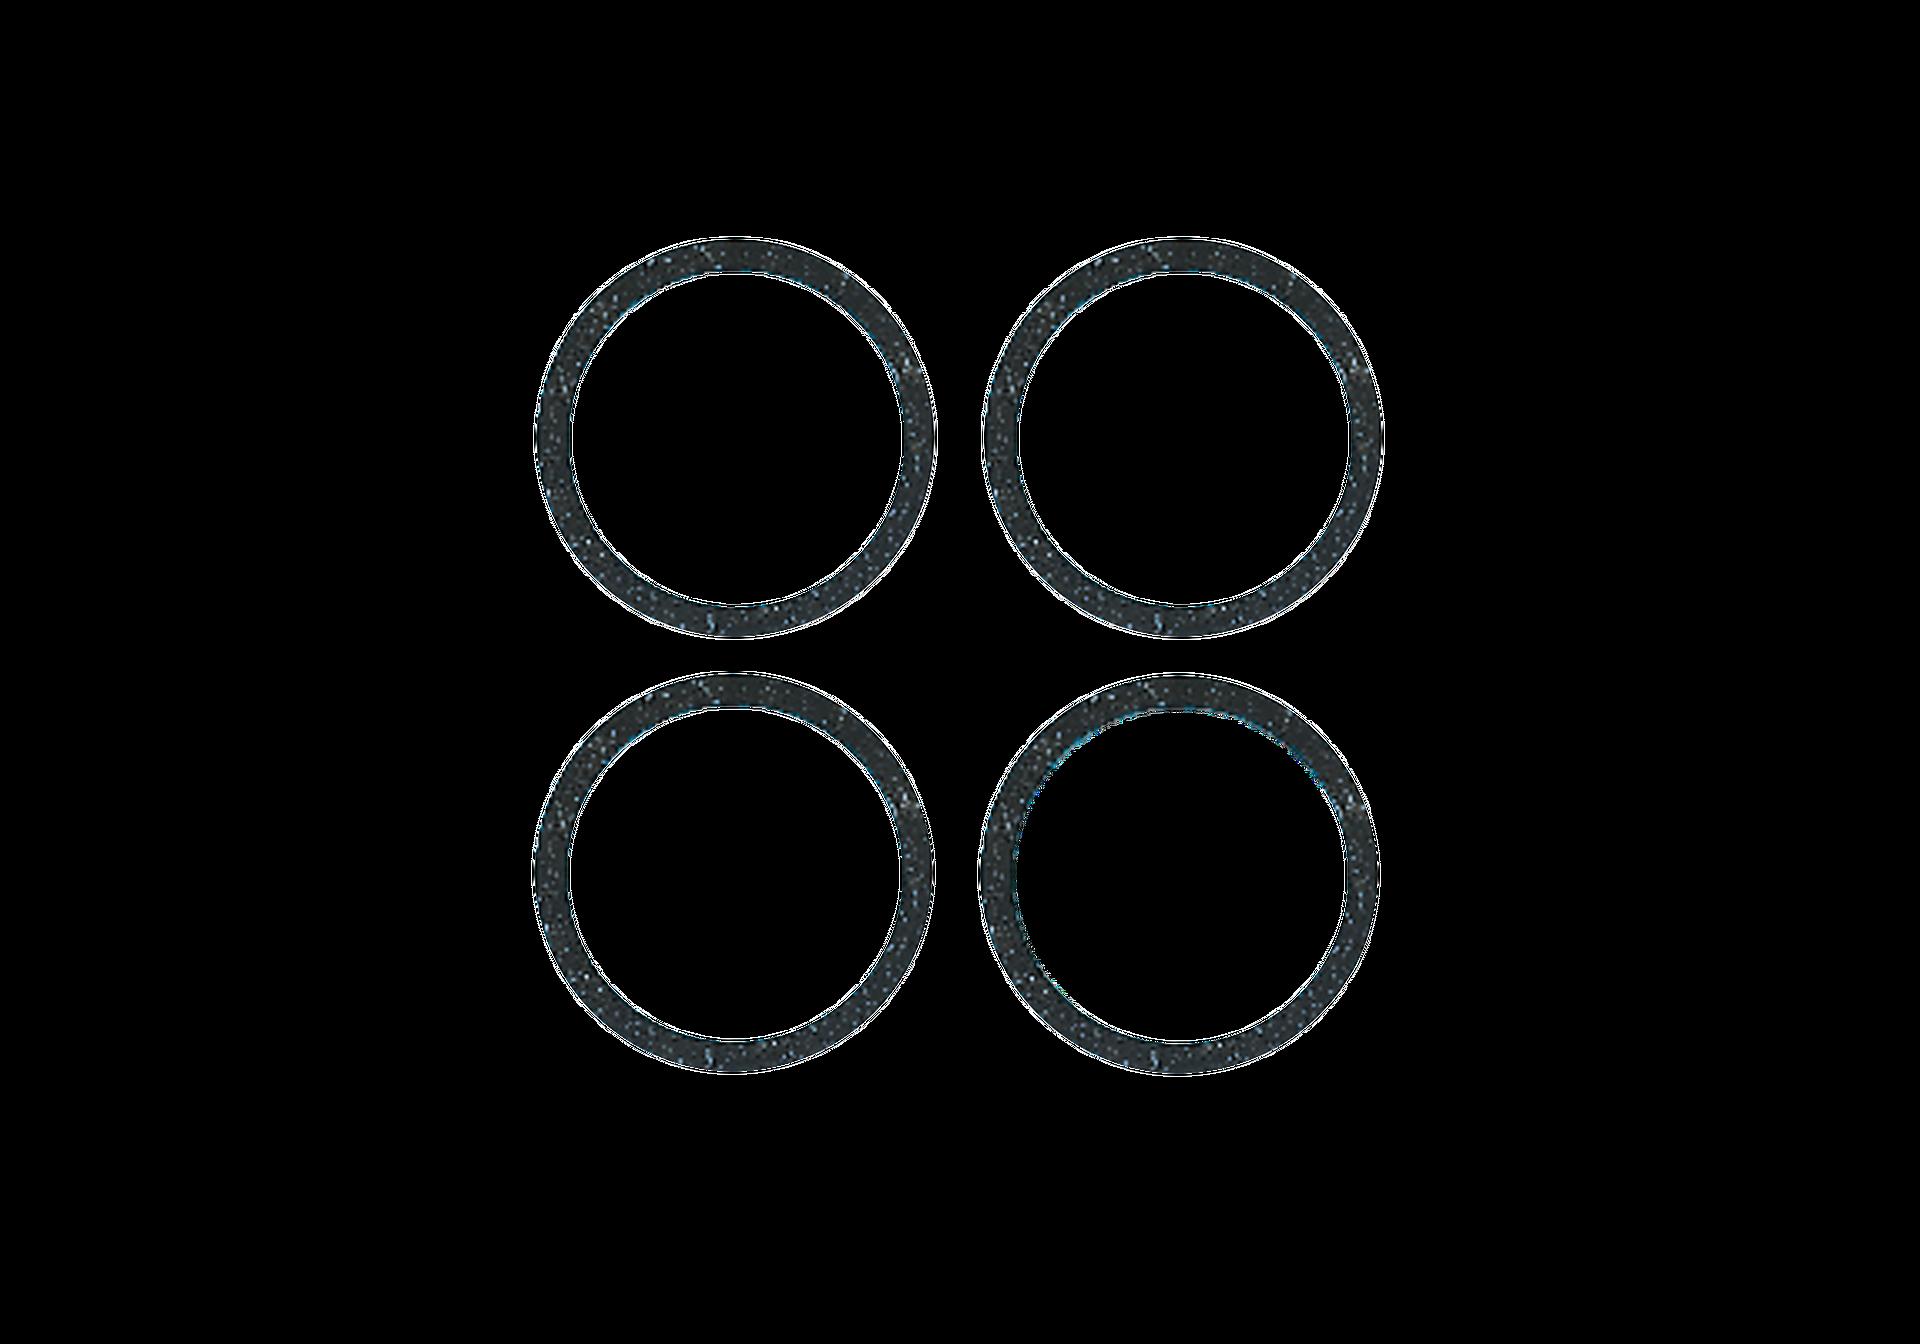 7231 4 Perbunane Rings zoom image1